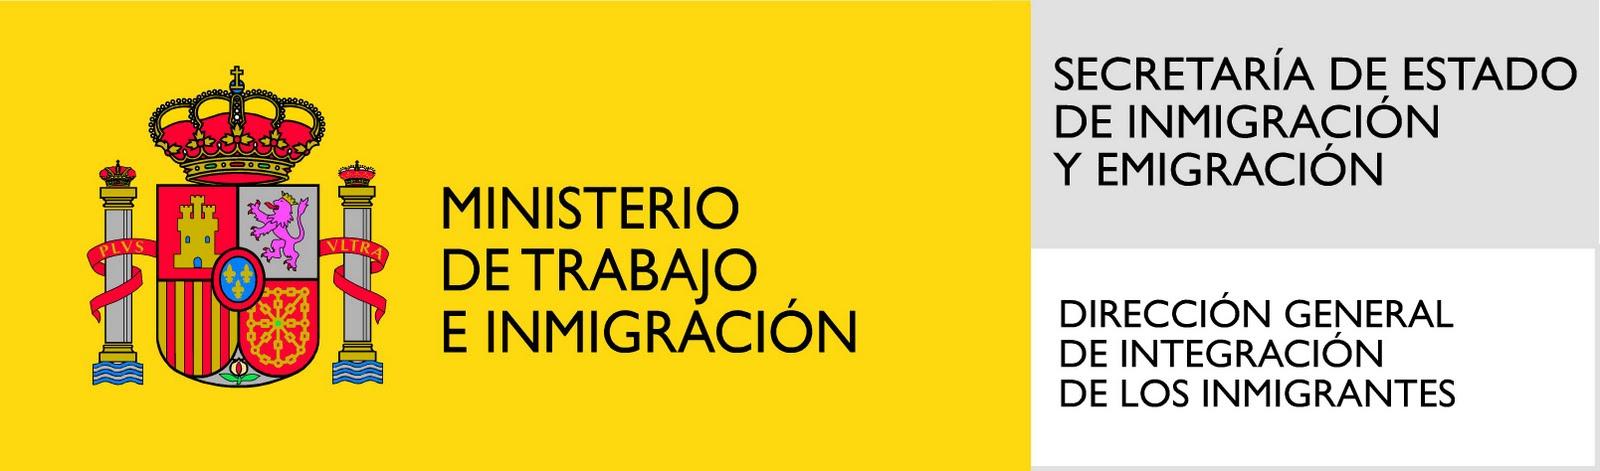 extranjeros.mtin.es – Contratación de trabajadores extranjeros